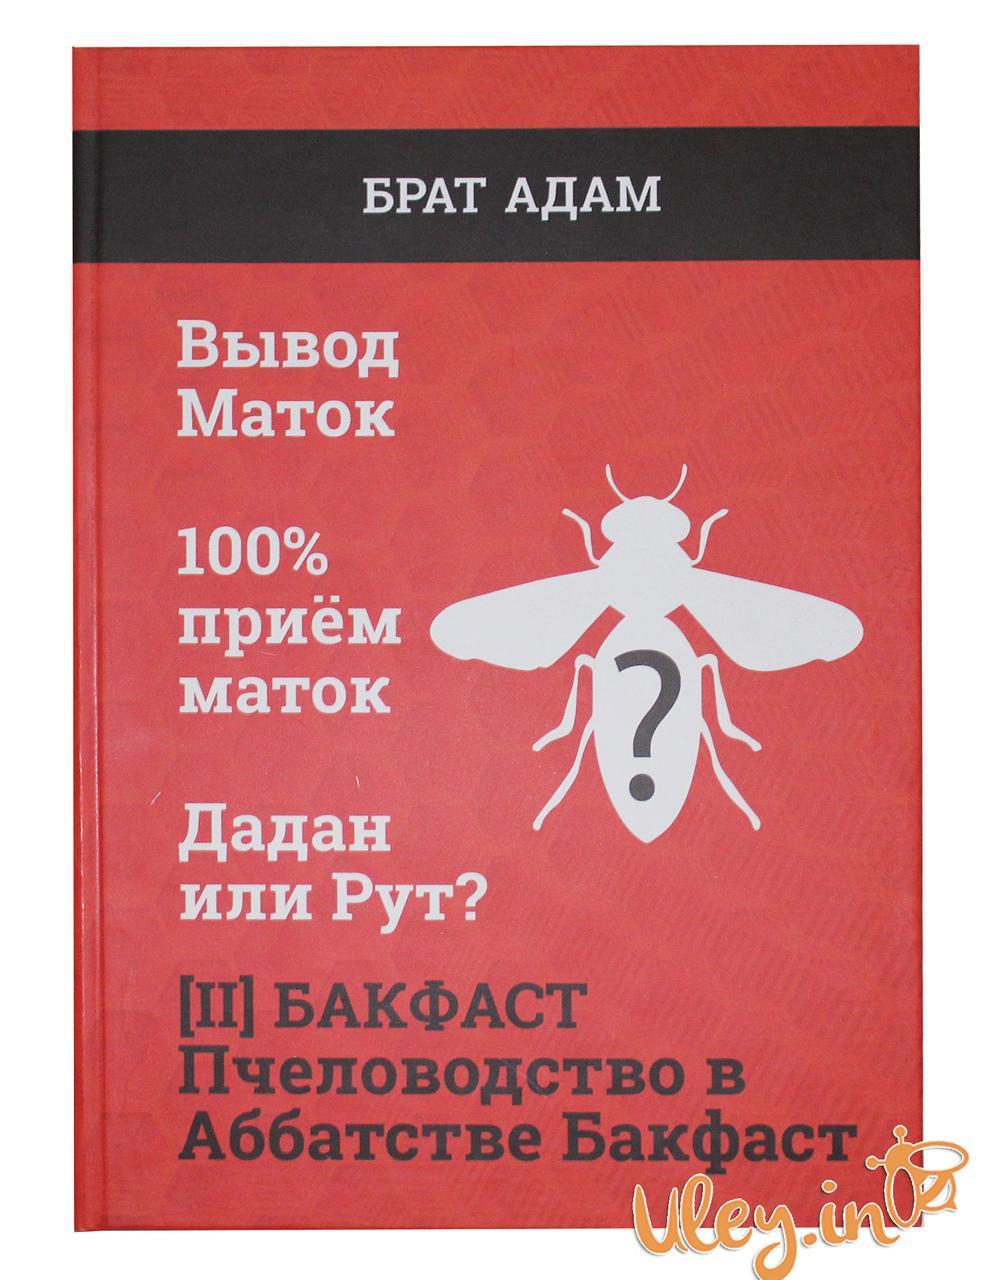 Книга 2. БРАТА АДАМА : БАКФАСТ. Пчеловодство в аббатстве Бакфаст